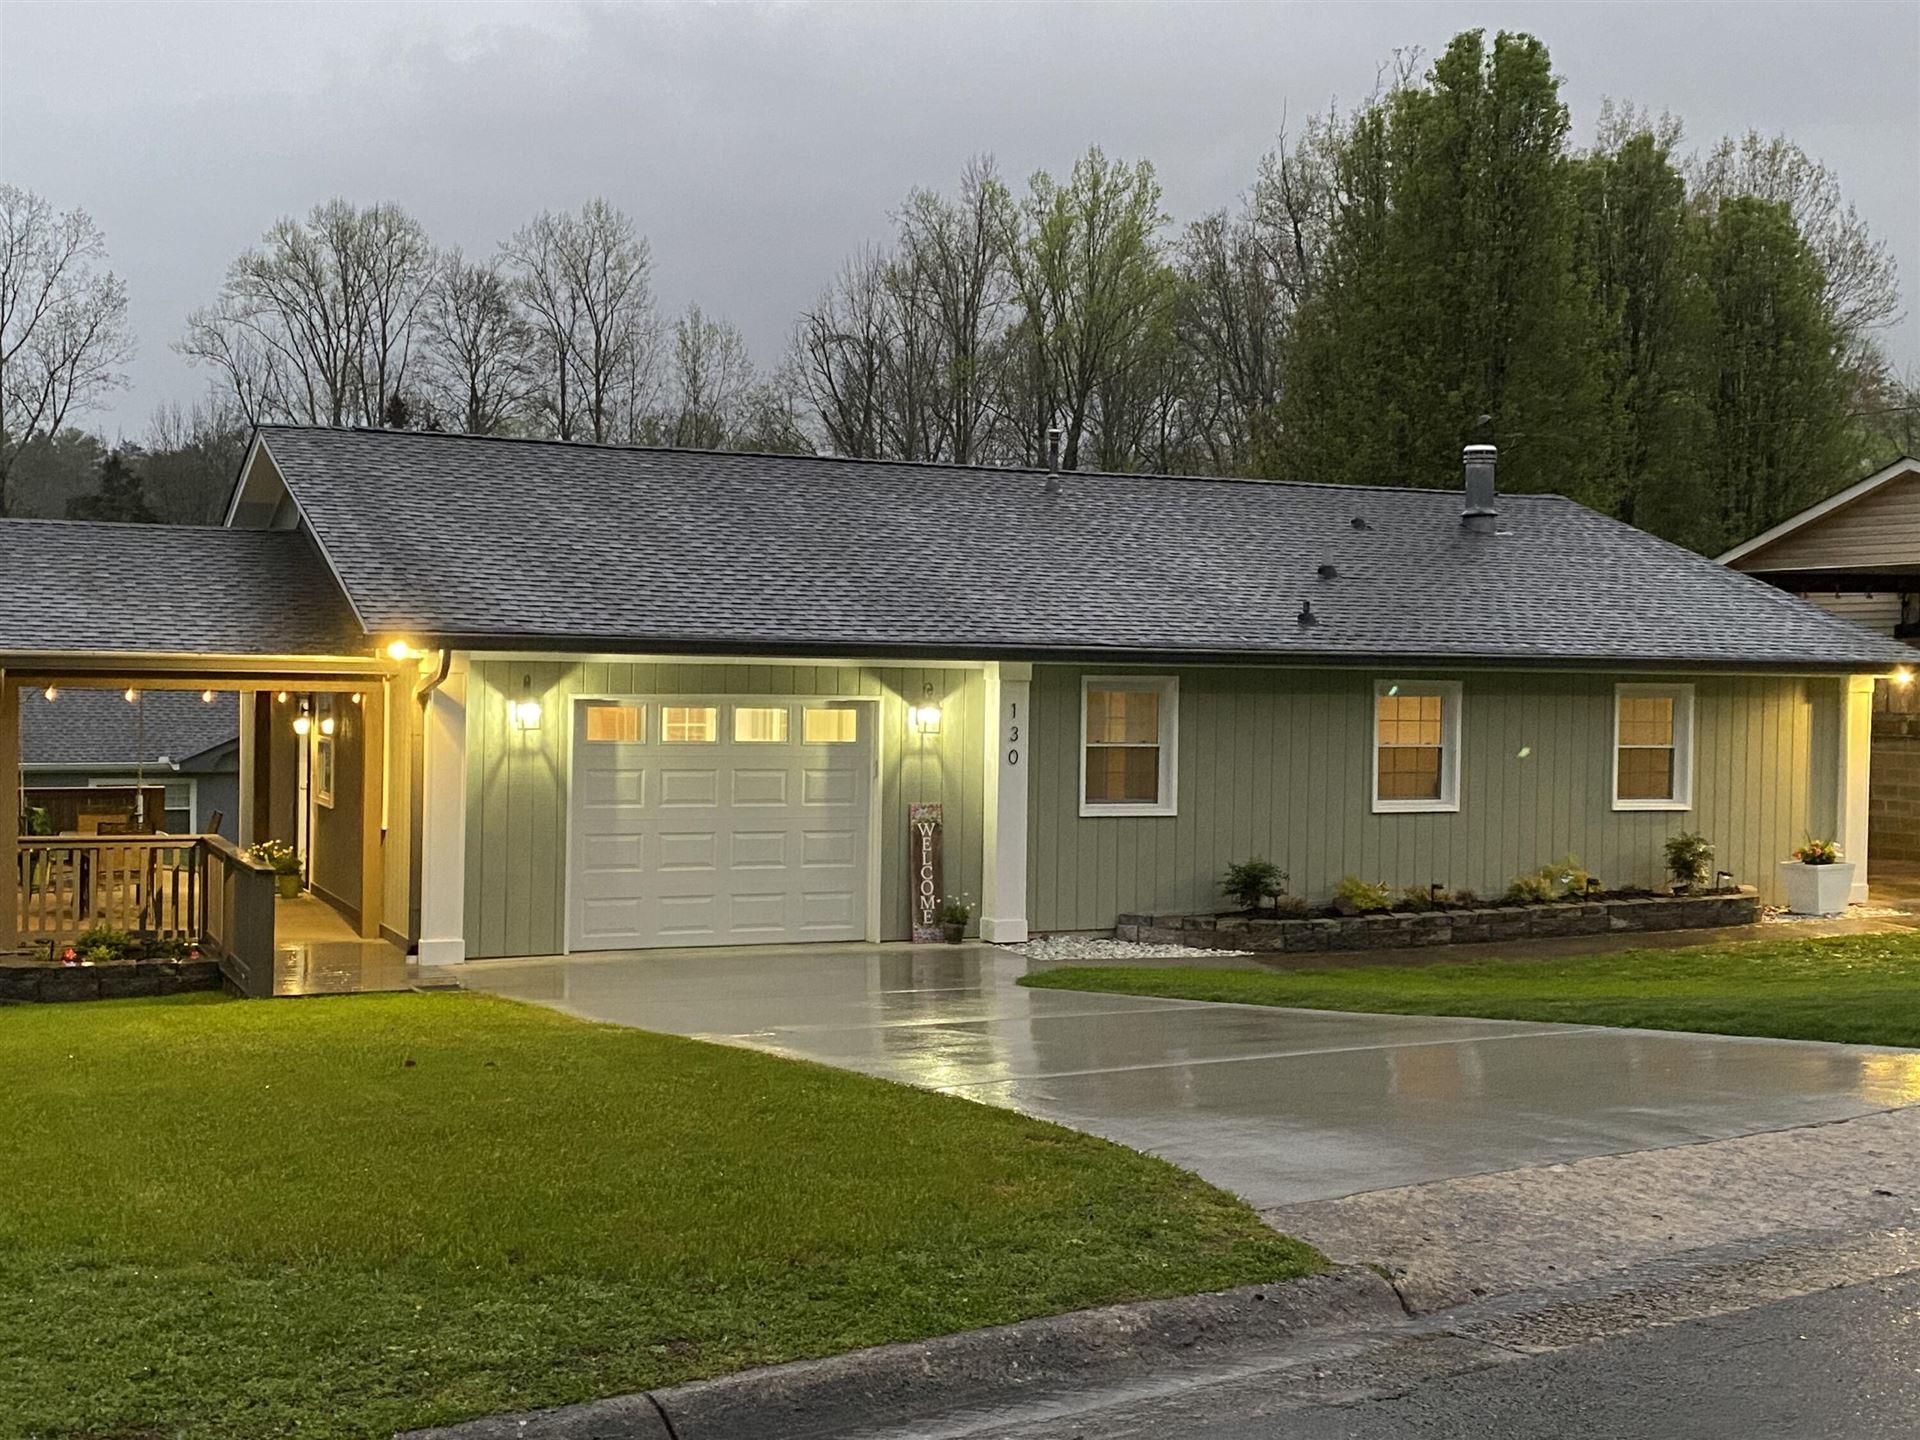 Photo of 130 Pembroke Rd, Oak Ridge, TN 37830 (MLS # 1147669)